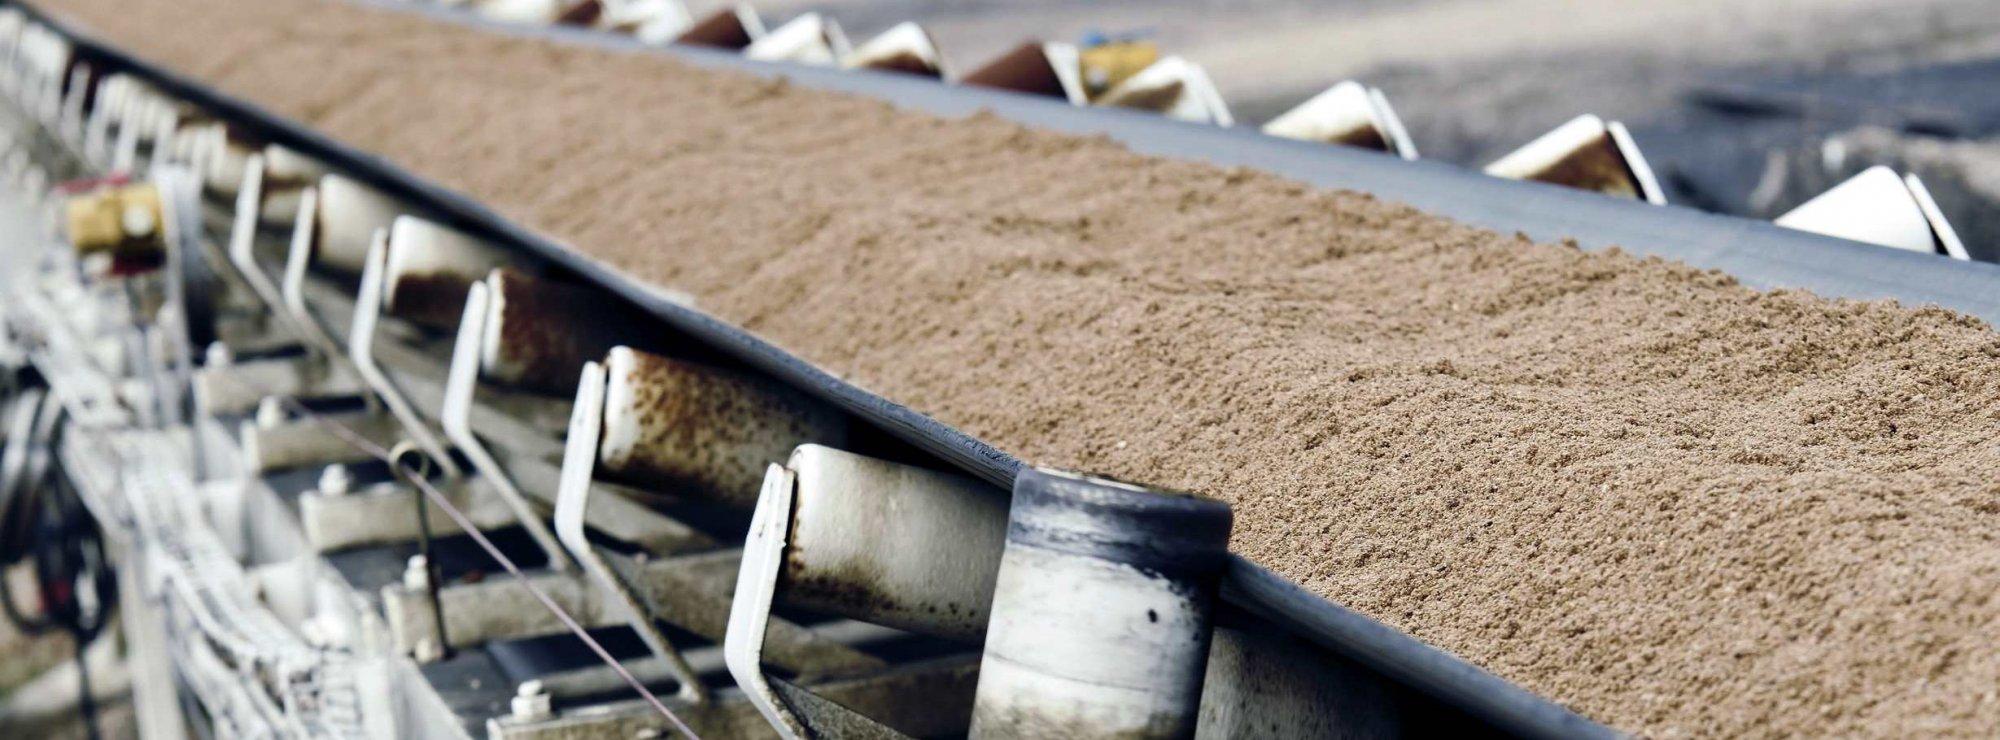 Угол наклона конвейера для сыпучих материалов купить кронштейн транспортера